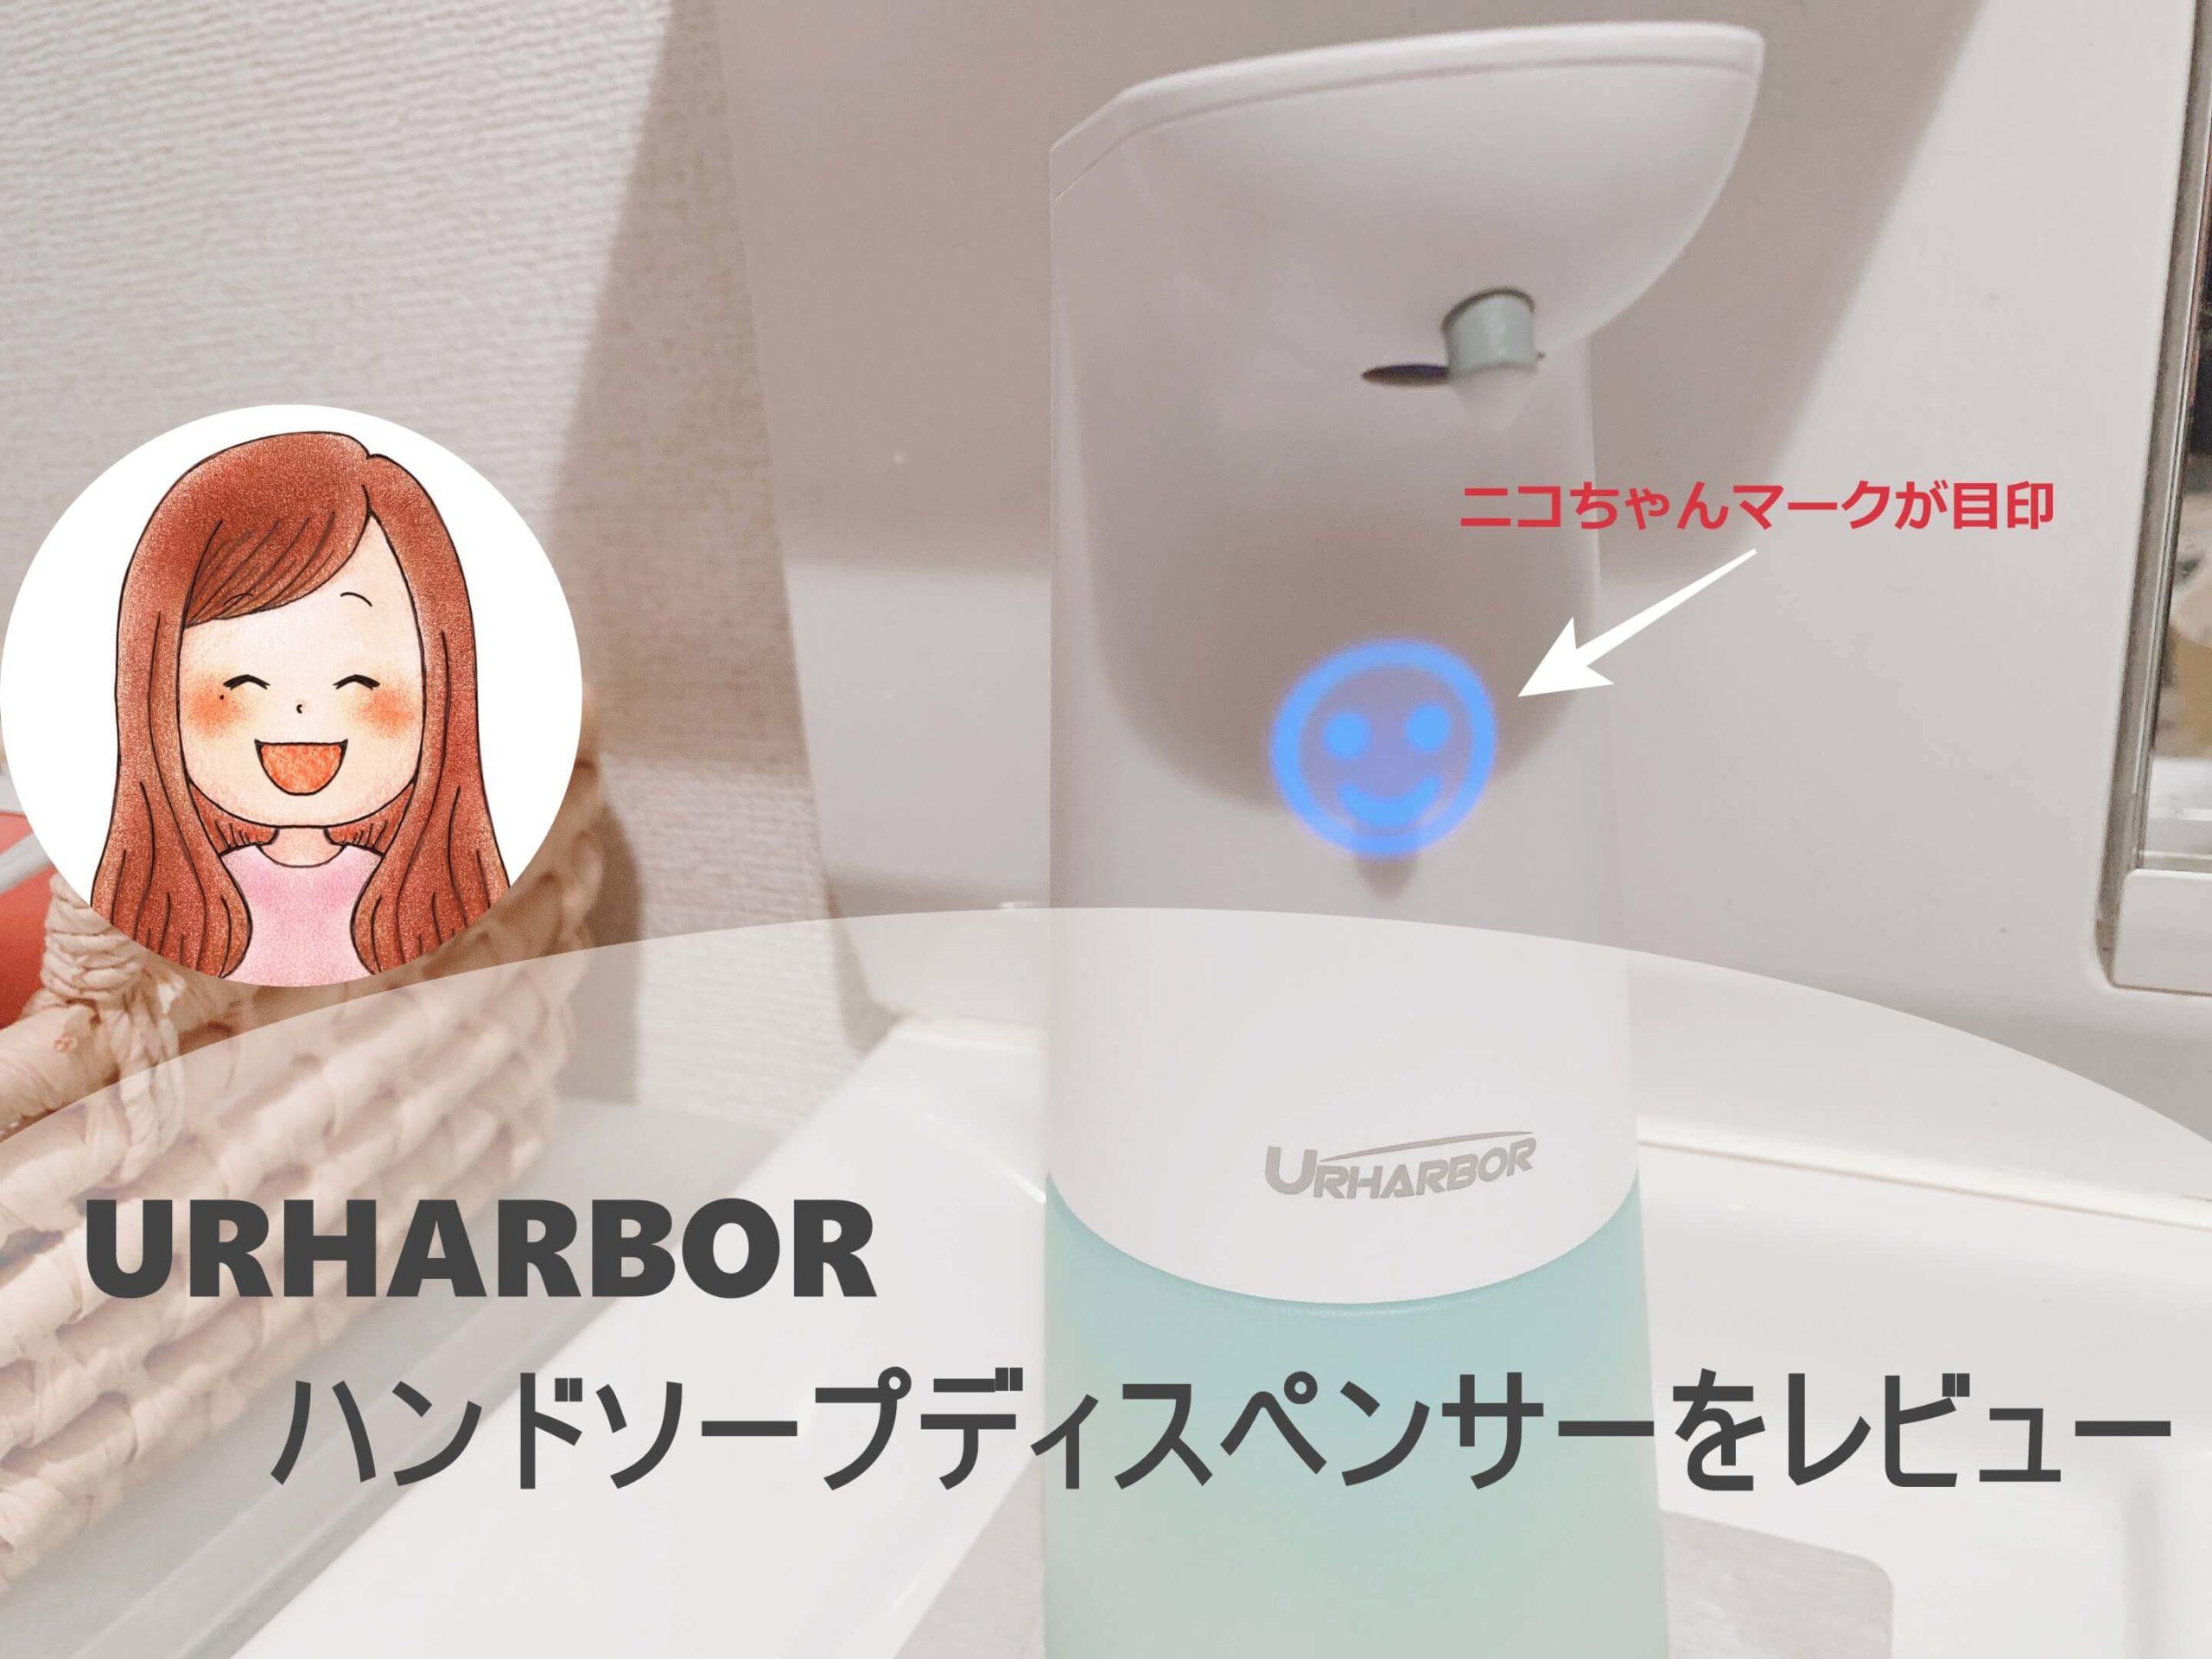 【ニコちゃんマーク】URHARBORのハンドソープディスペンサーをレビュー